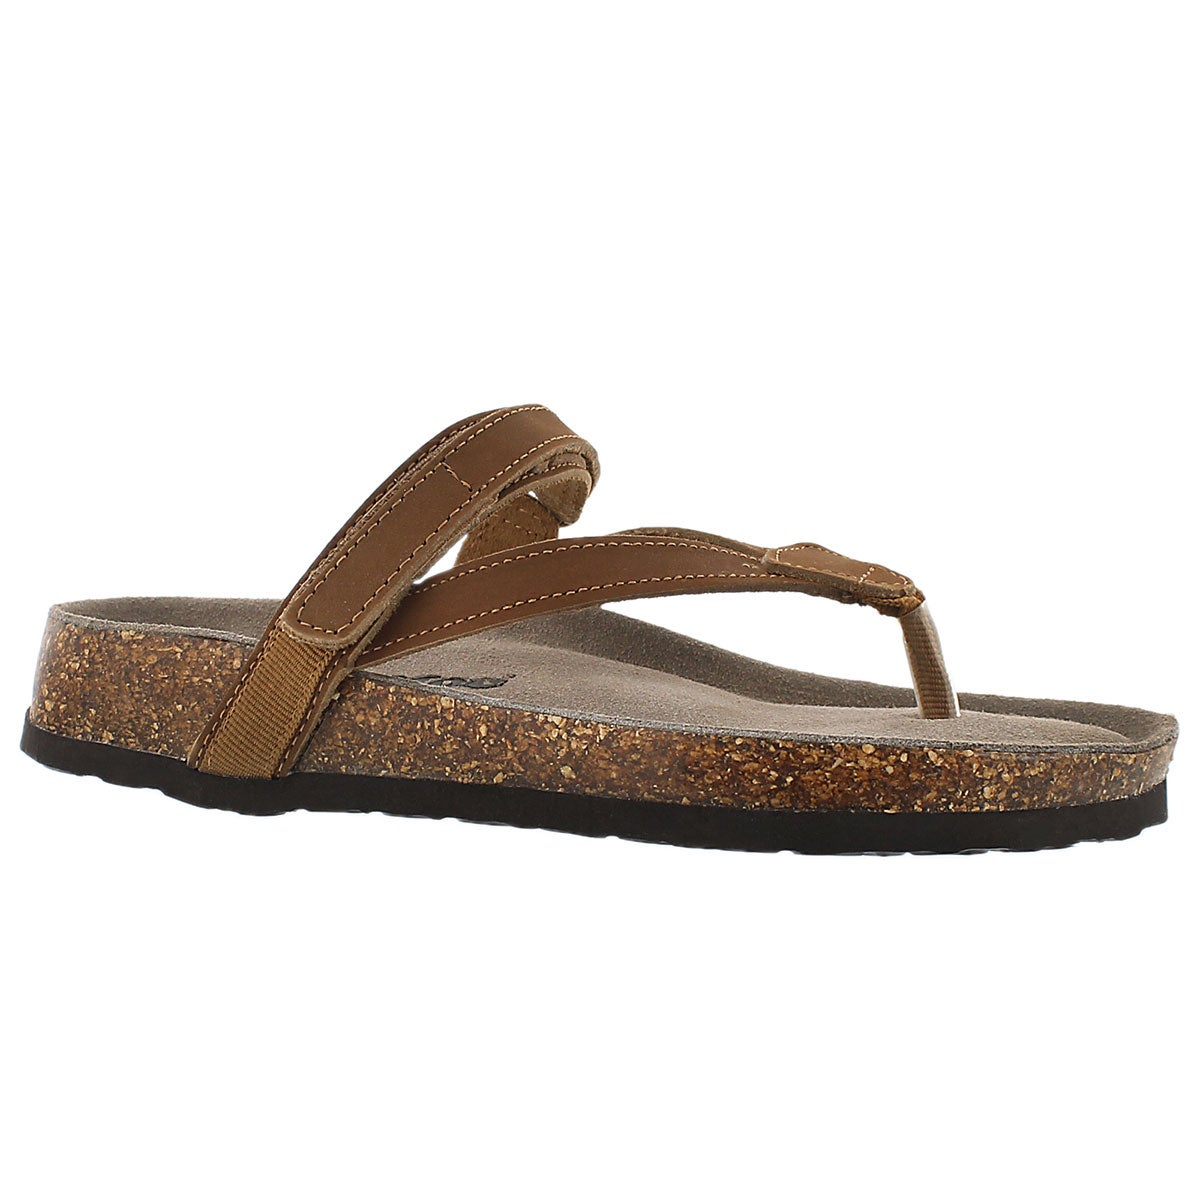 Women's AISHA crazy tan memory foam sandals